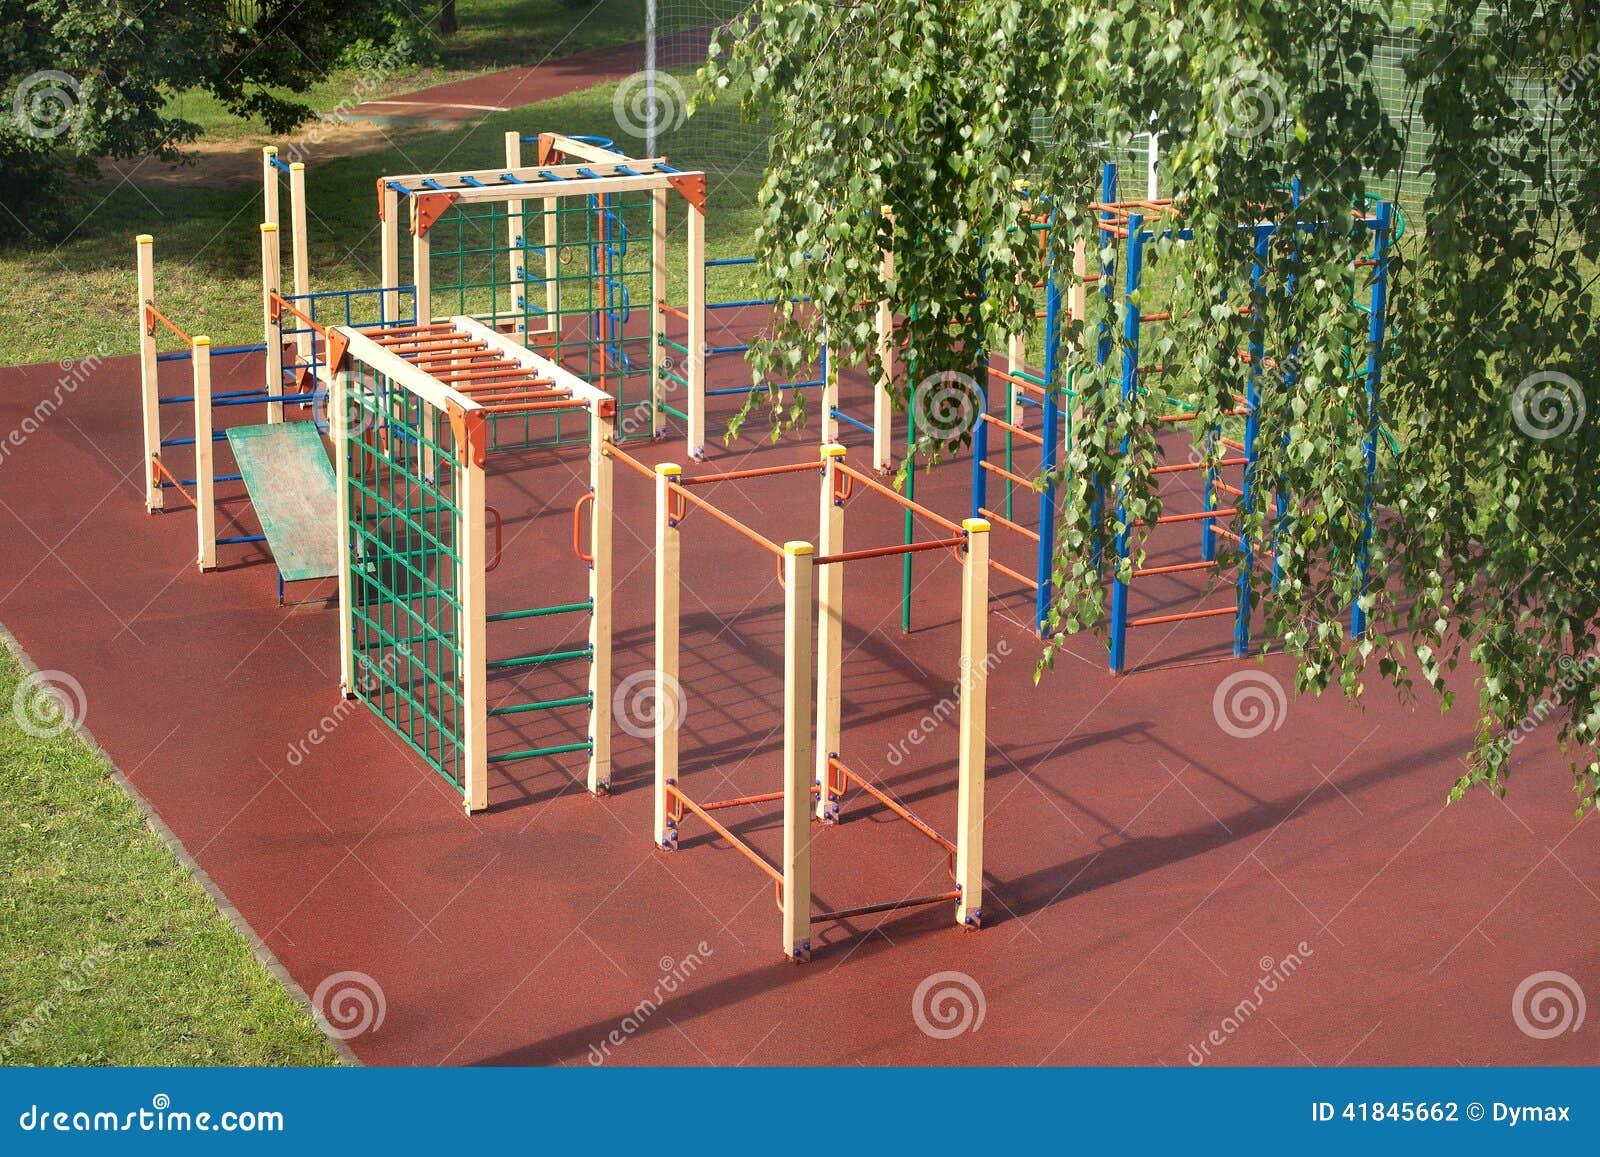 terrain de jeu d 39 enfants dehors en parc d 39 t apr s pluie photo stock image 41845662. Black Bedroom Furniture Sets. Home Design Ideas